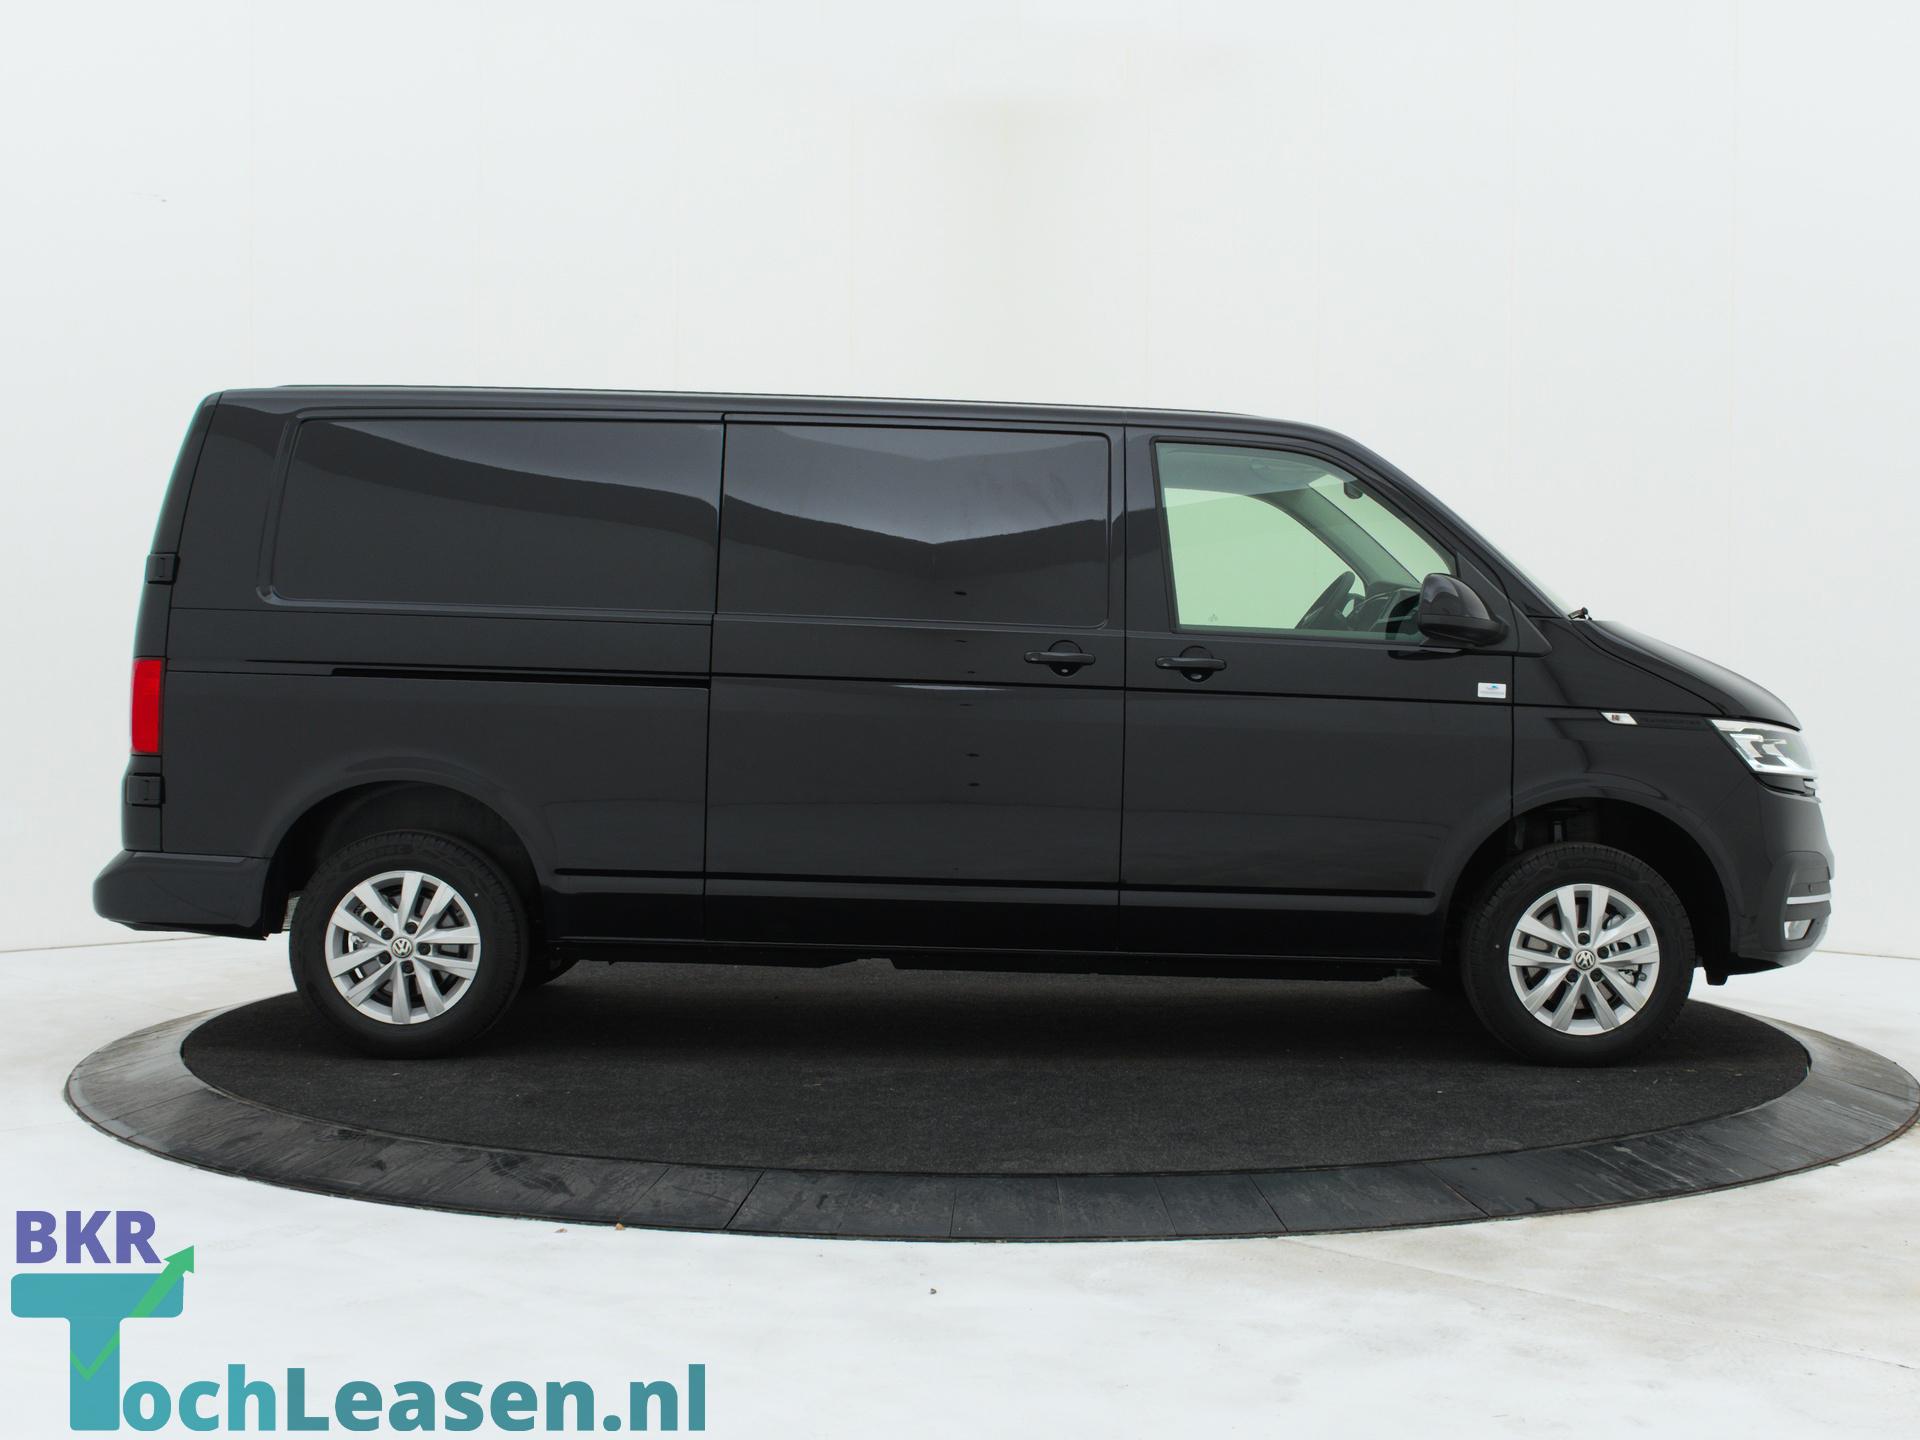 BKR toch leasen Volkswagen Transporter zwart 13